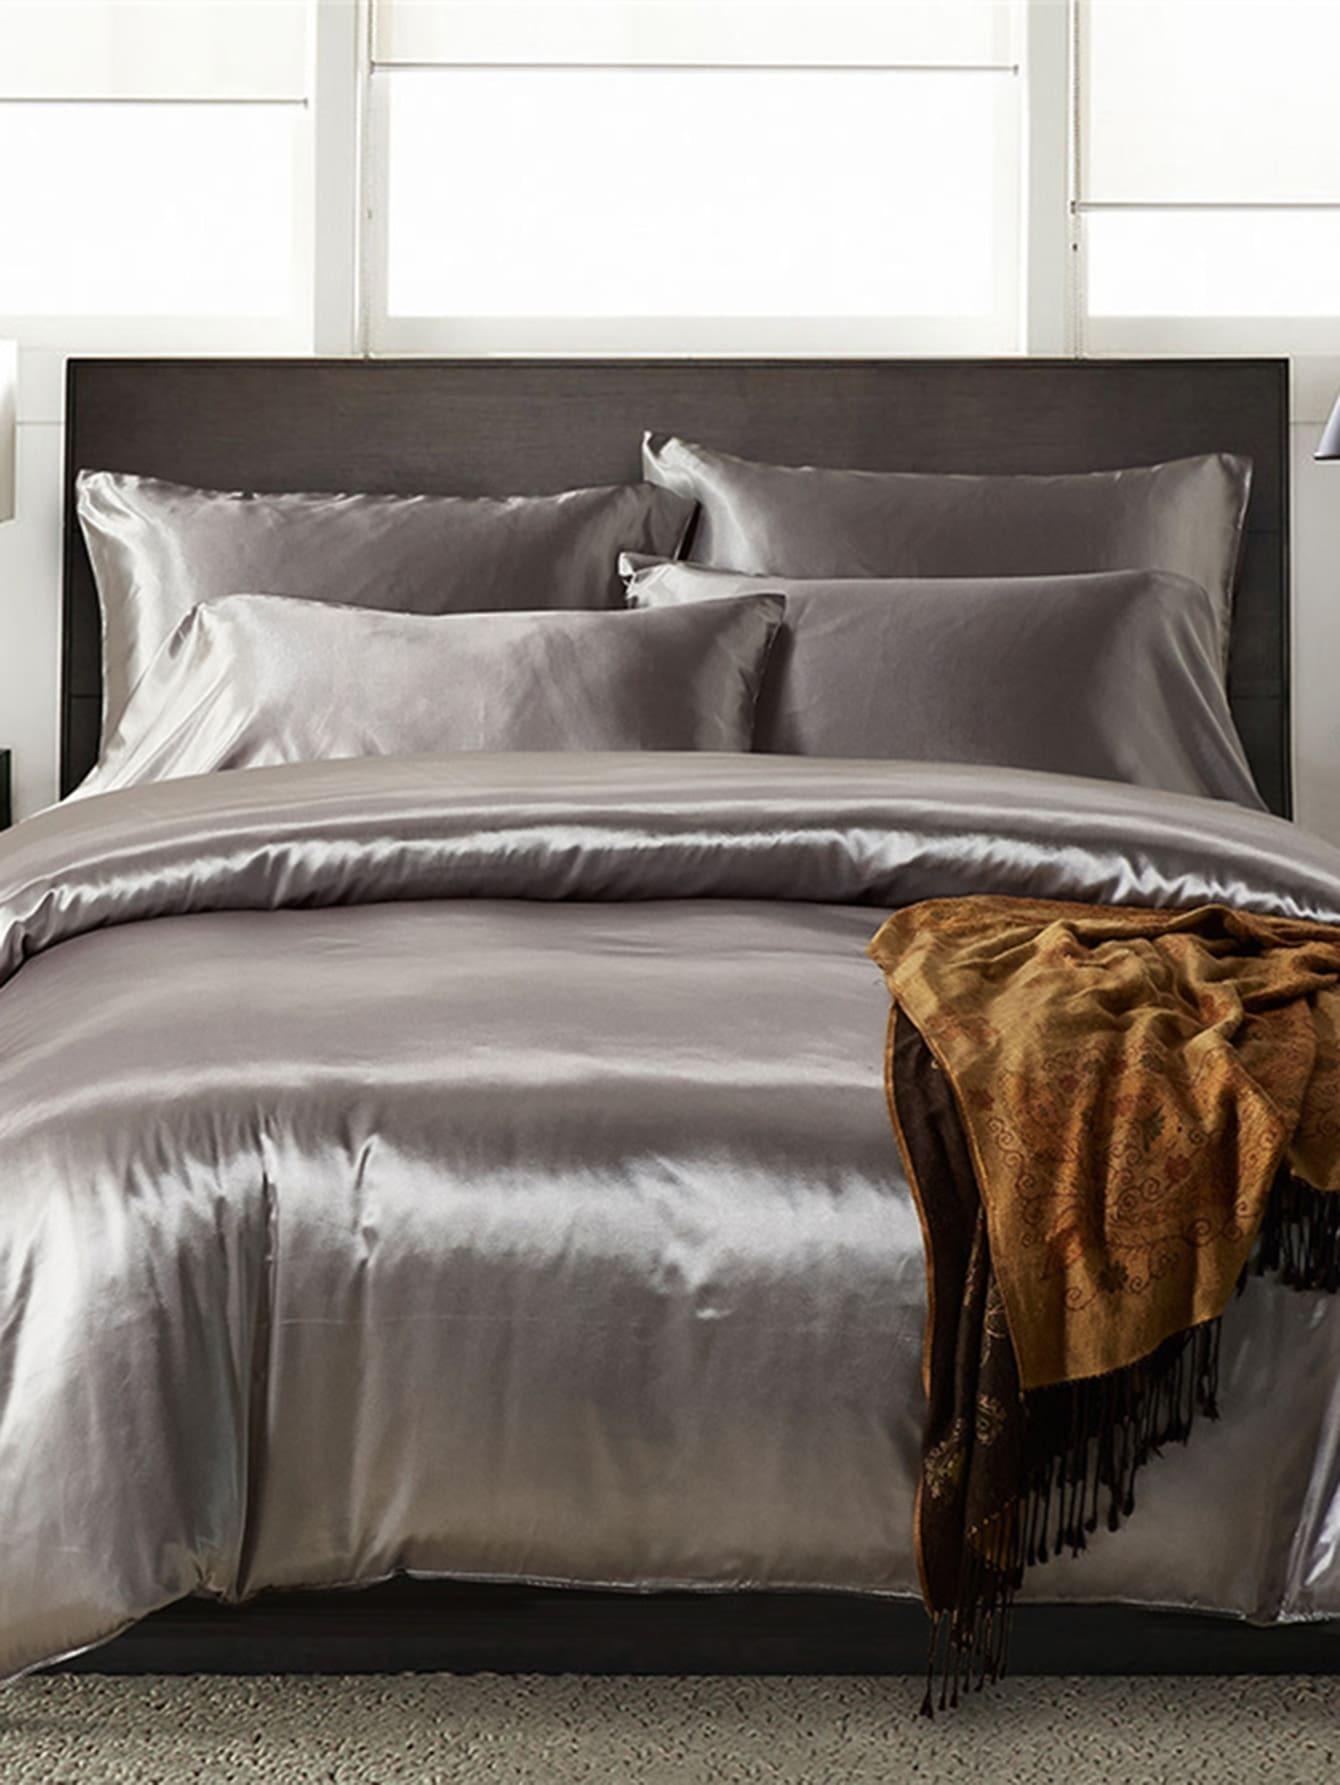 1.8m 3Pcs Simple Solid Colour Bed Sheet Set бра leds c4 bed 05 2830 34 34